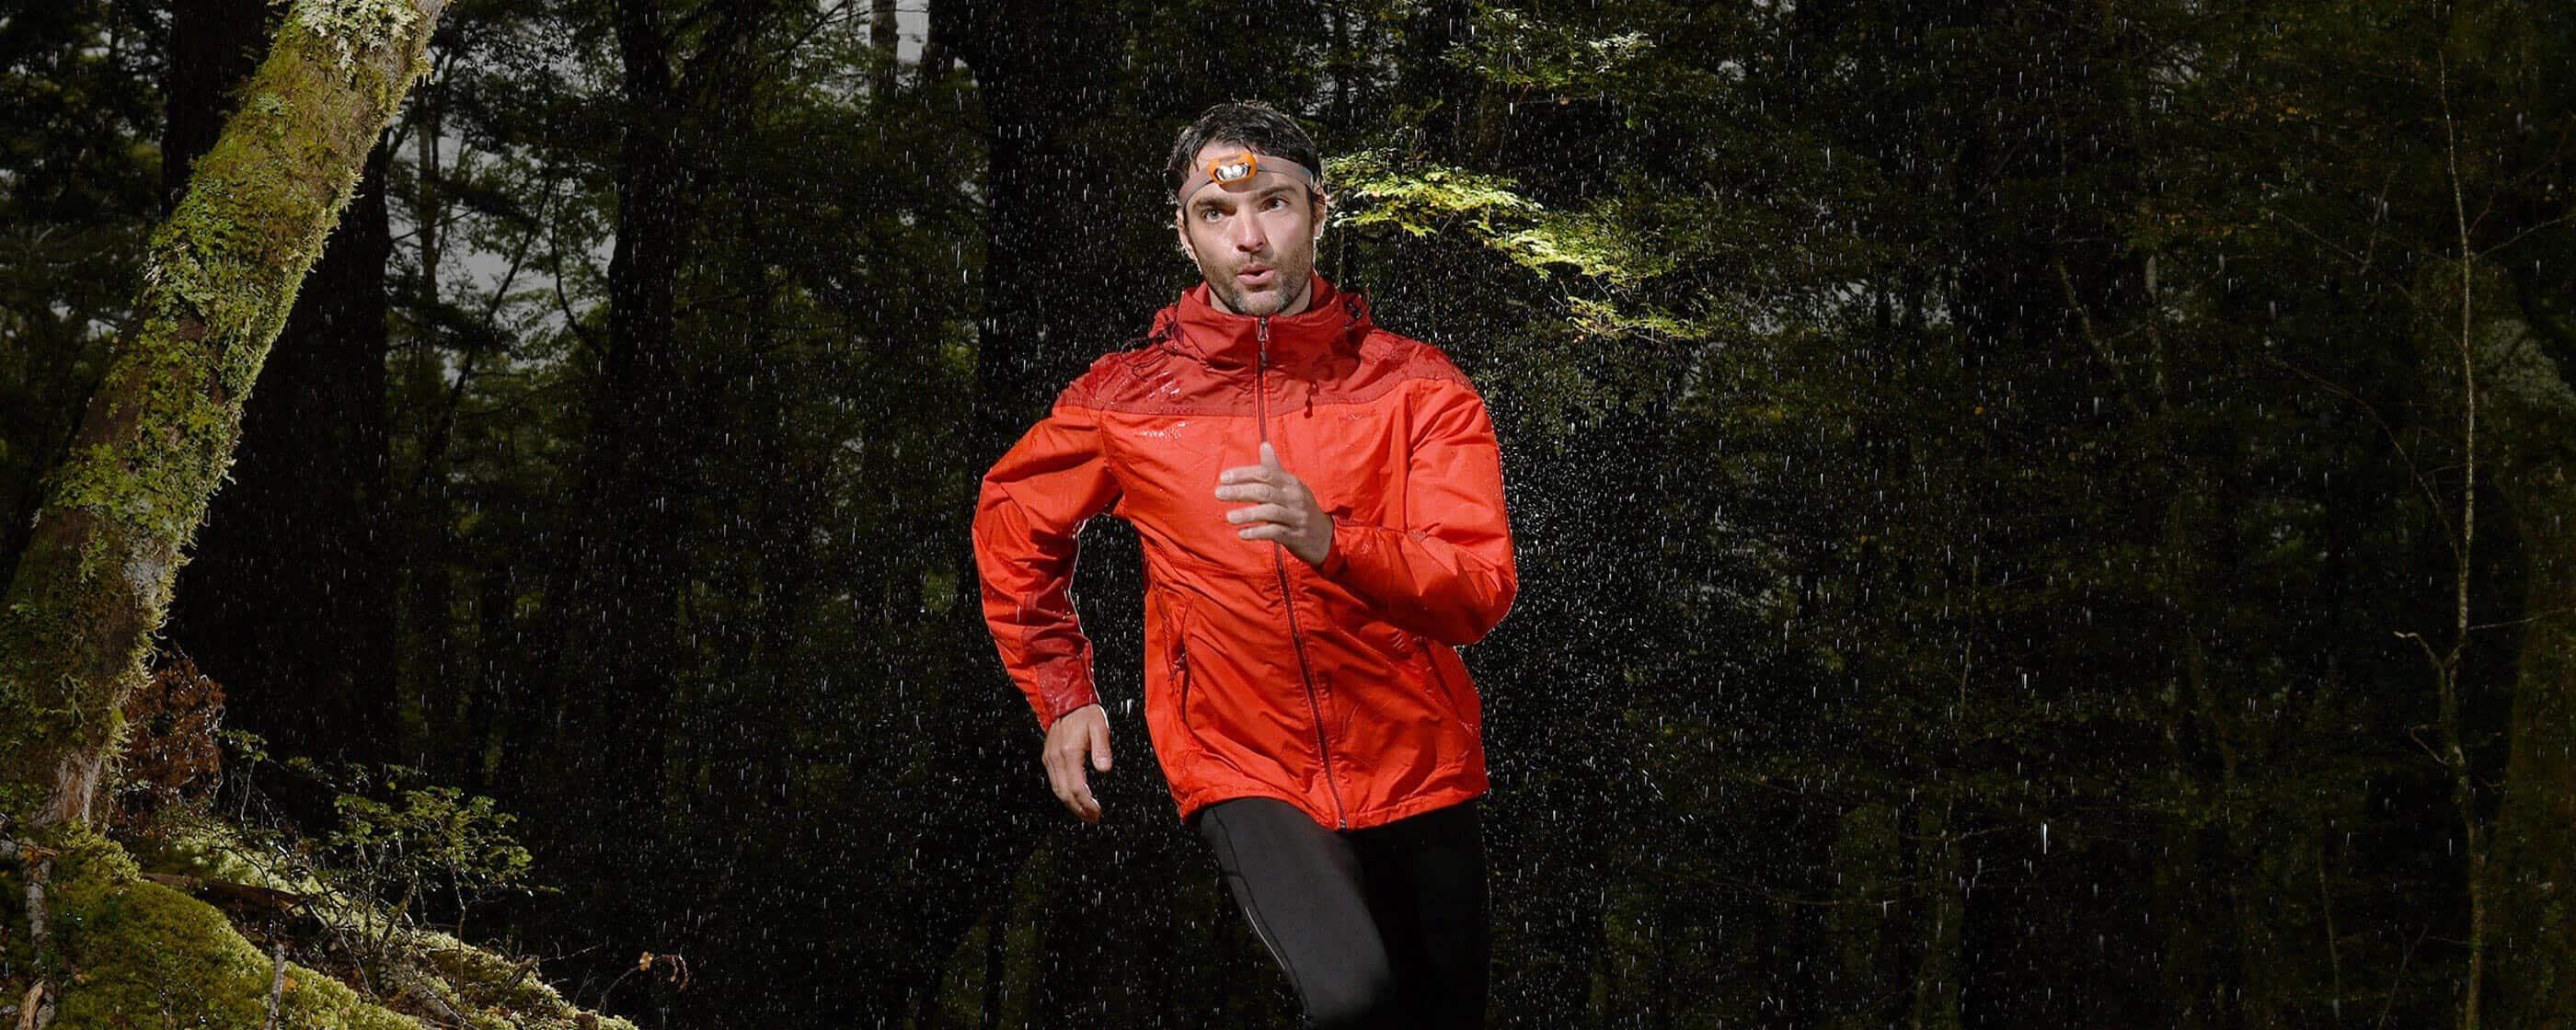 Foto de un hombre corriendo en el bosque tomada con una D7500